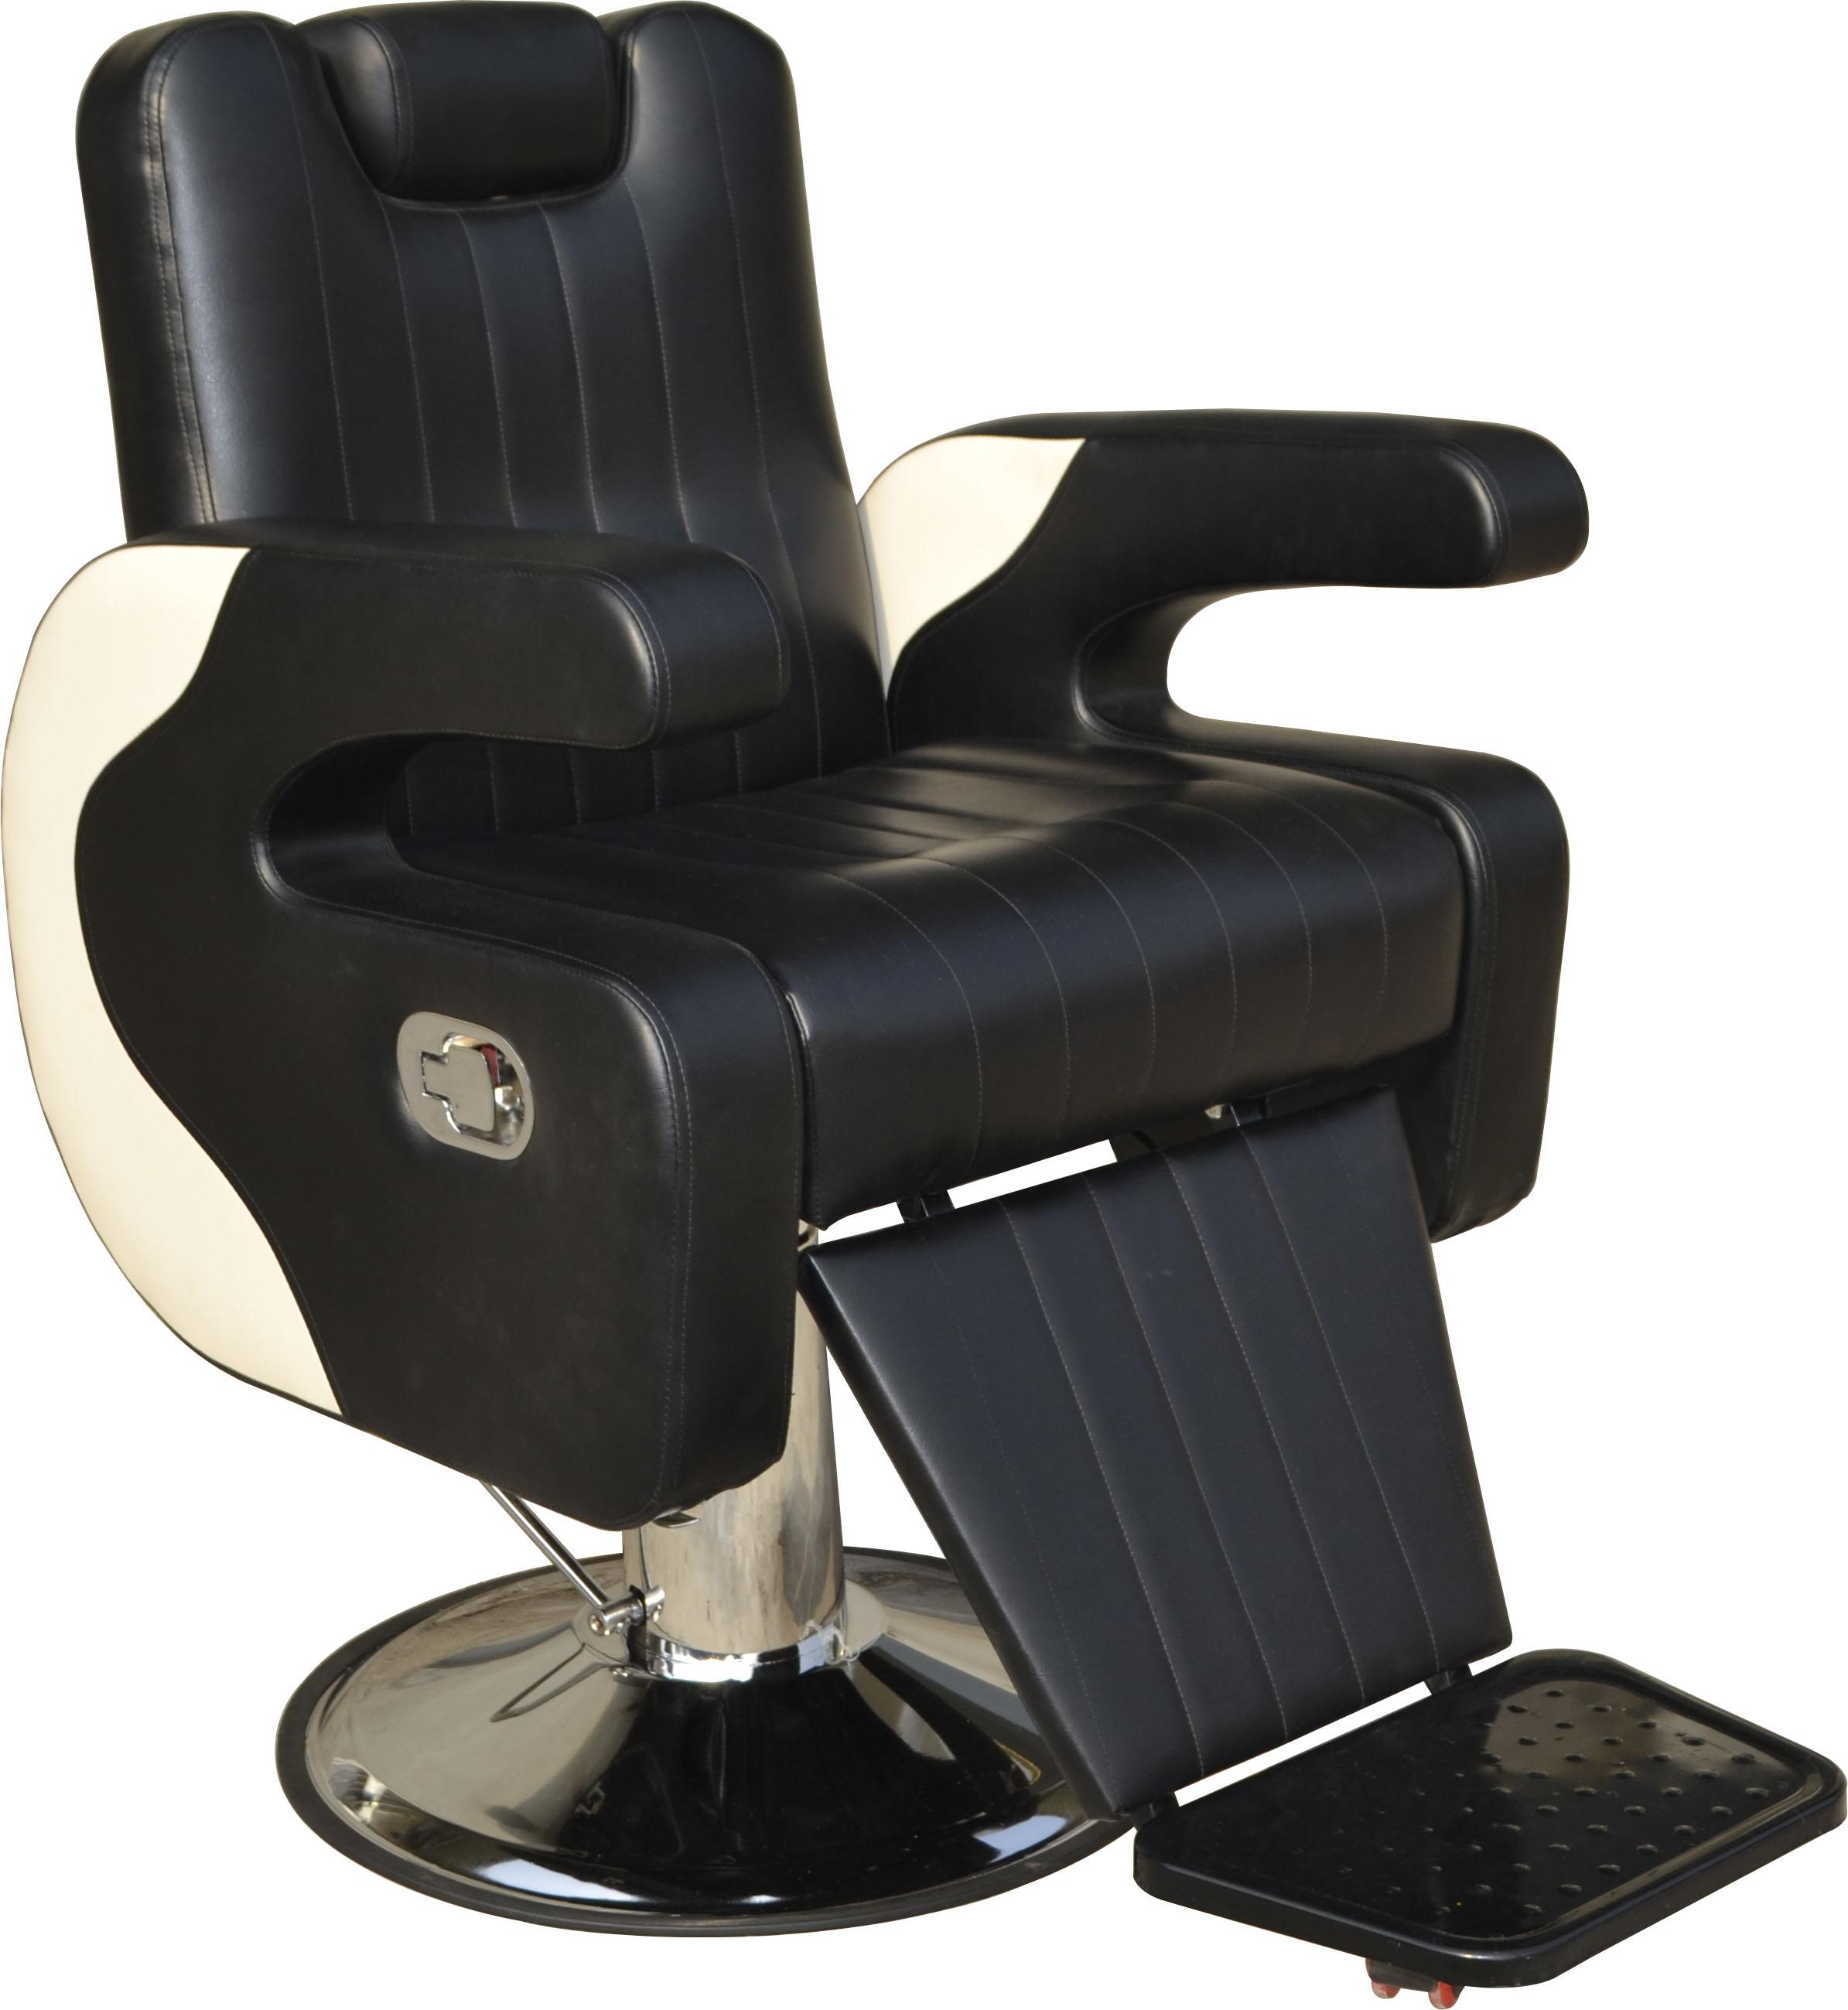 Стрижка стул парикмахерское дело стул ножницы волосы стул косметология стул царапина усы тату стул продаётся напрямую с завода mail шампунь 31601